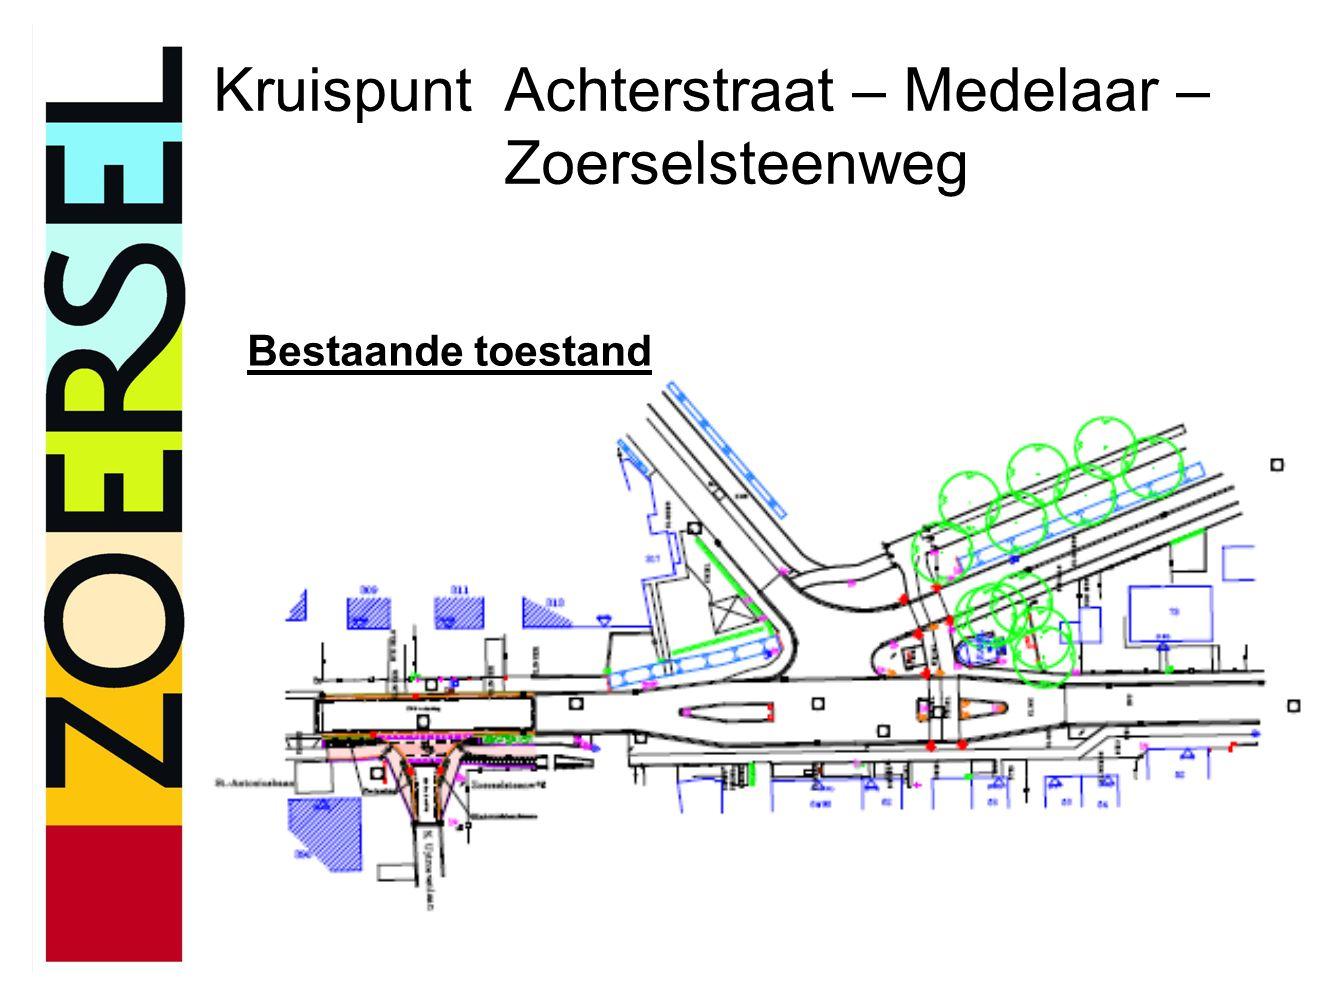 Kruispunt Achterstraat – Medelaar – Zoerselsteenweg Bestaande toestand